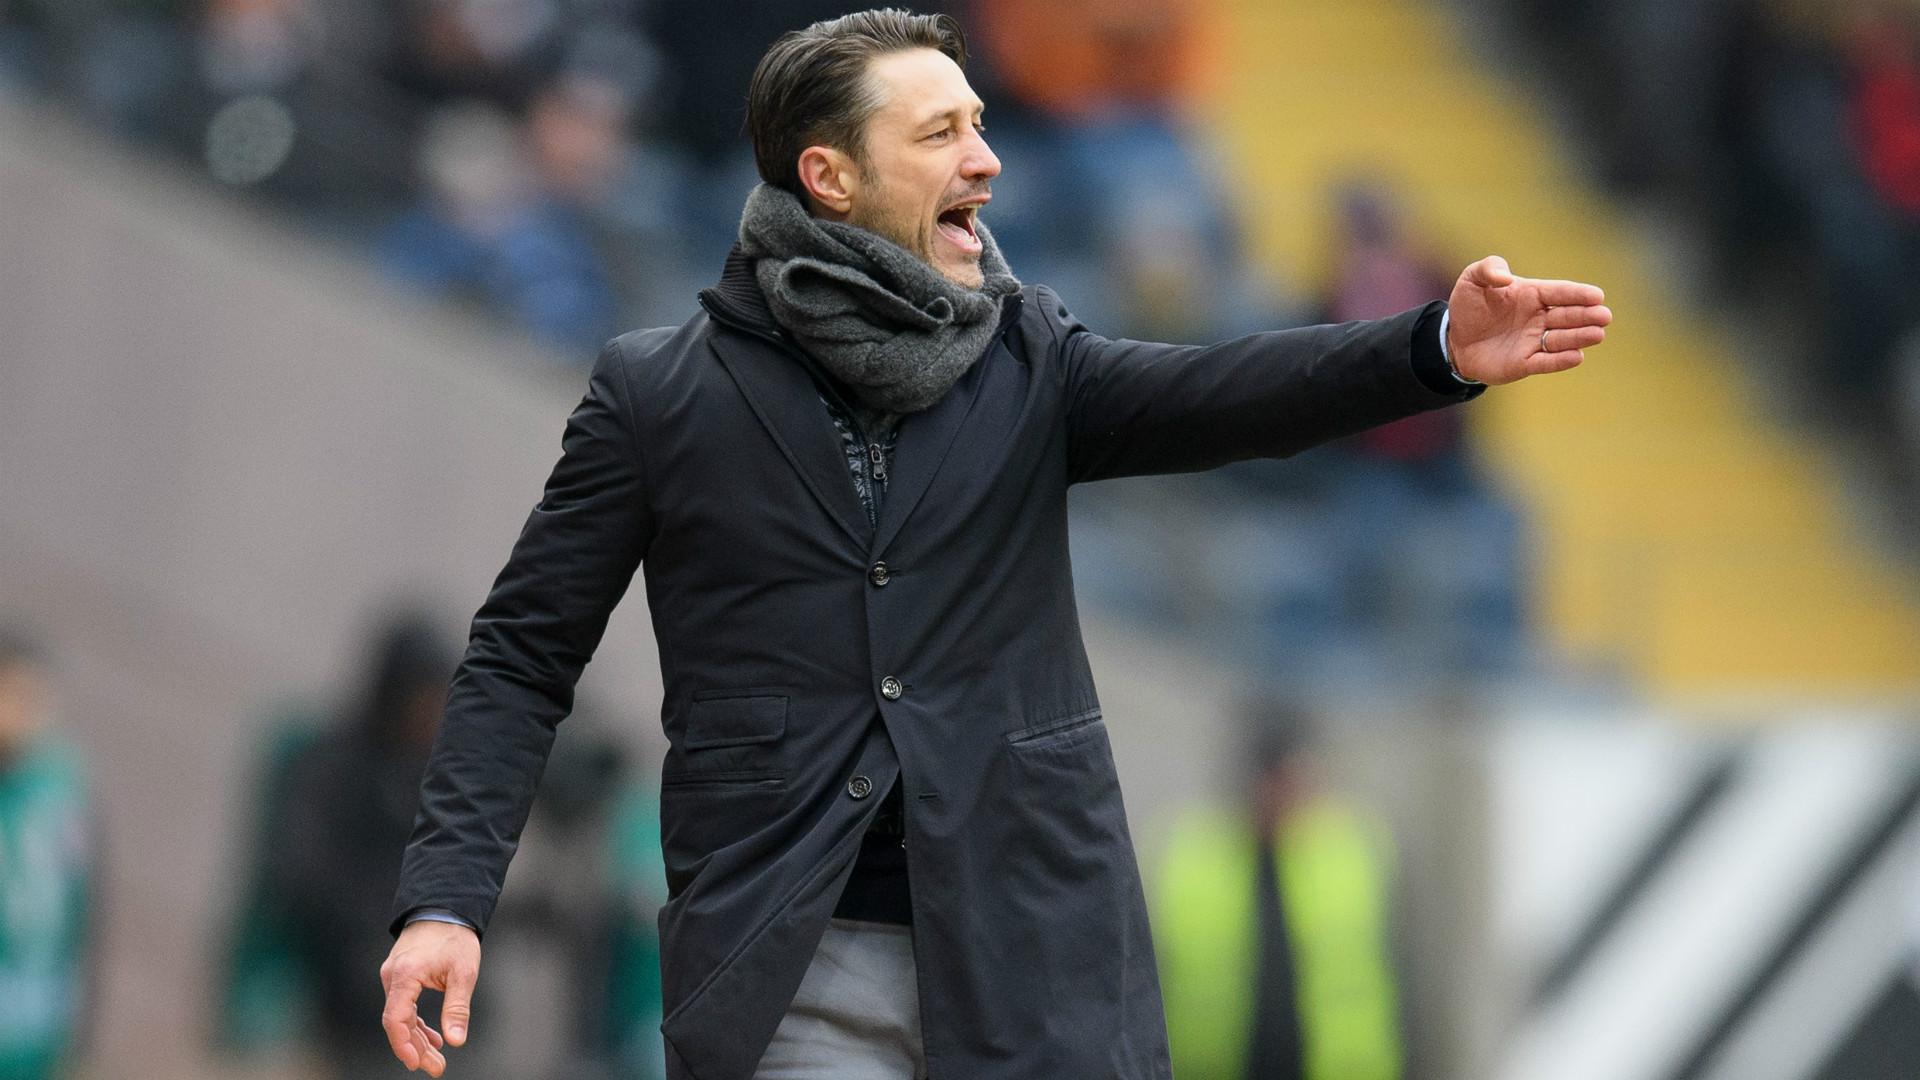 Bayern president hits back at Frankfurt over Kovac signing